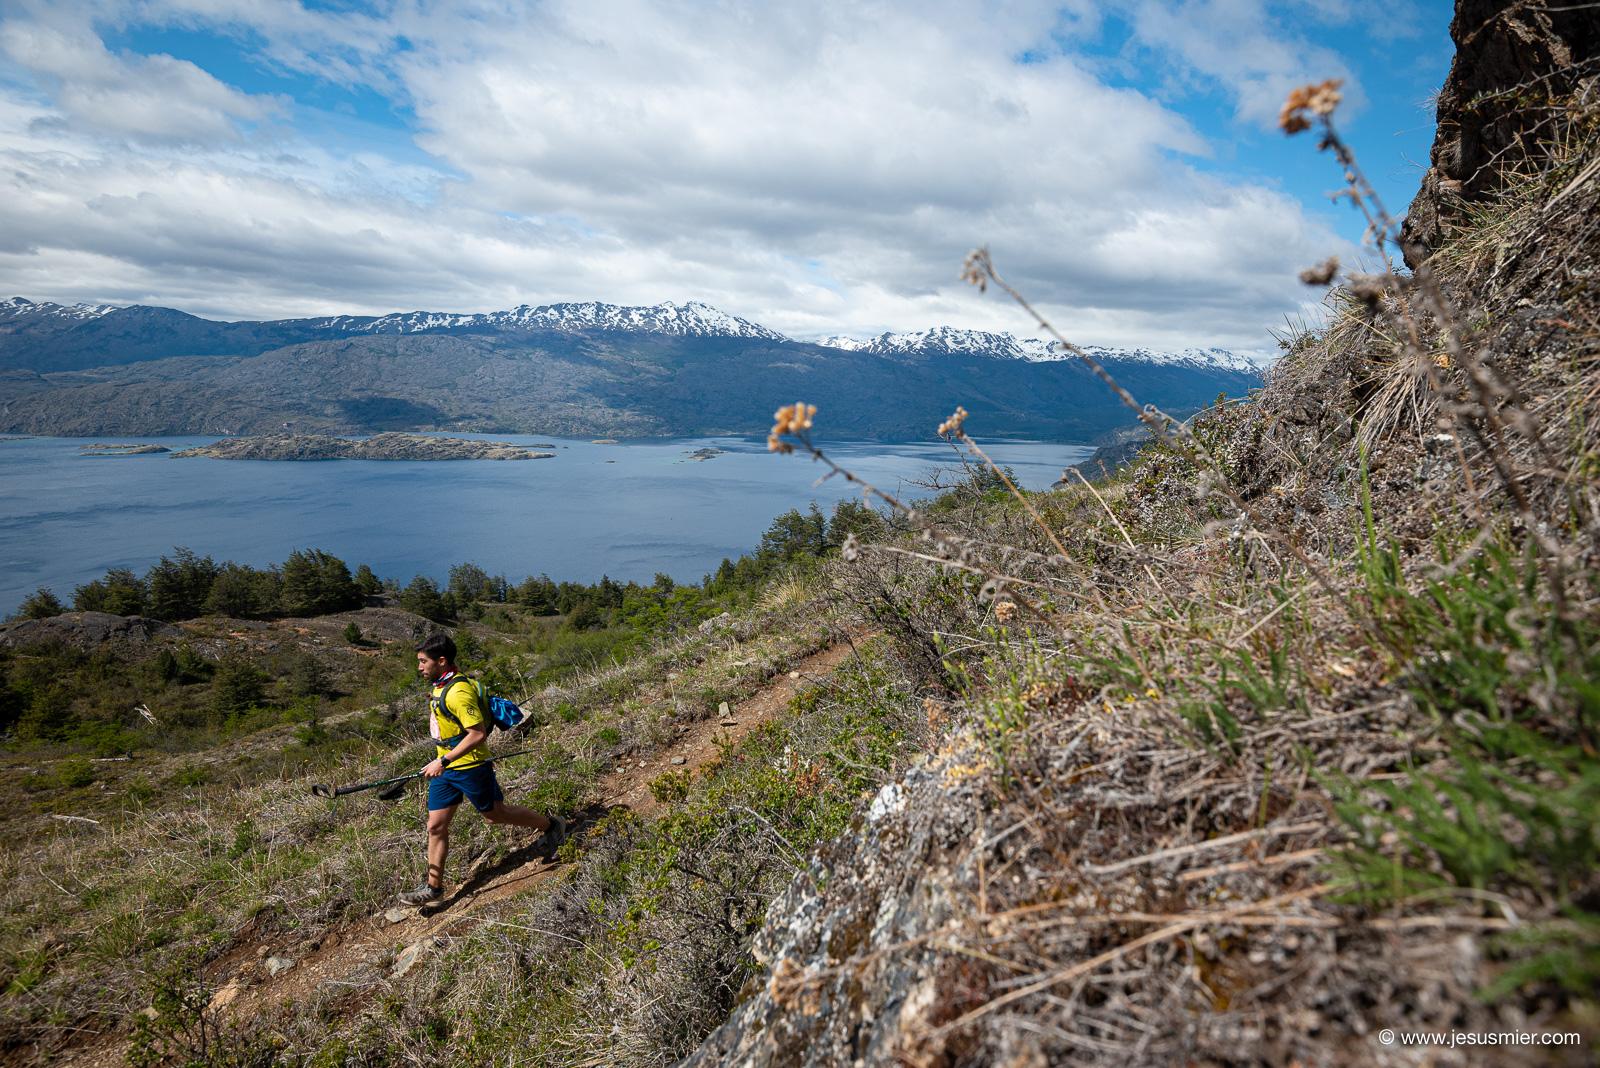 Cochrane Patagonia Trail 2019, Foto: Jesus Mier